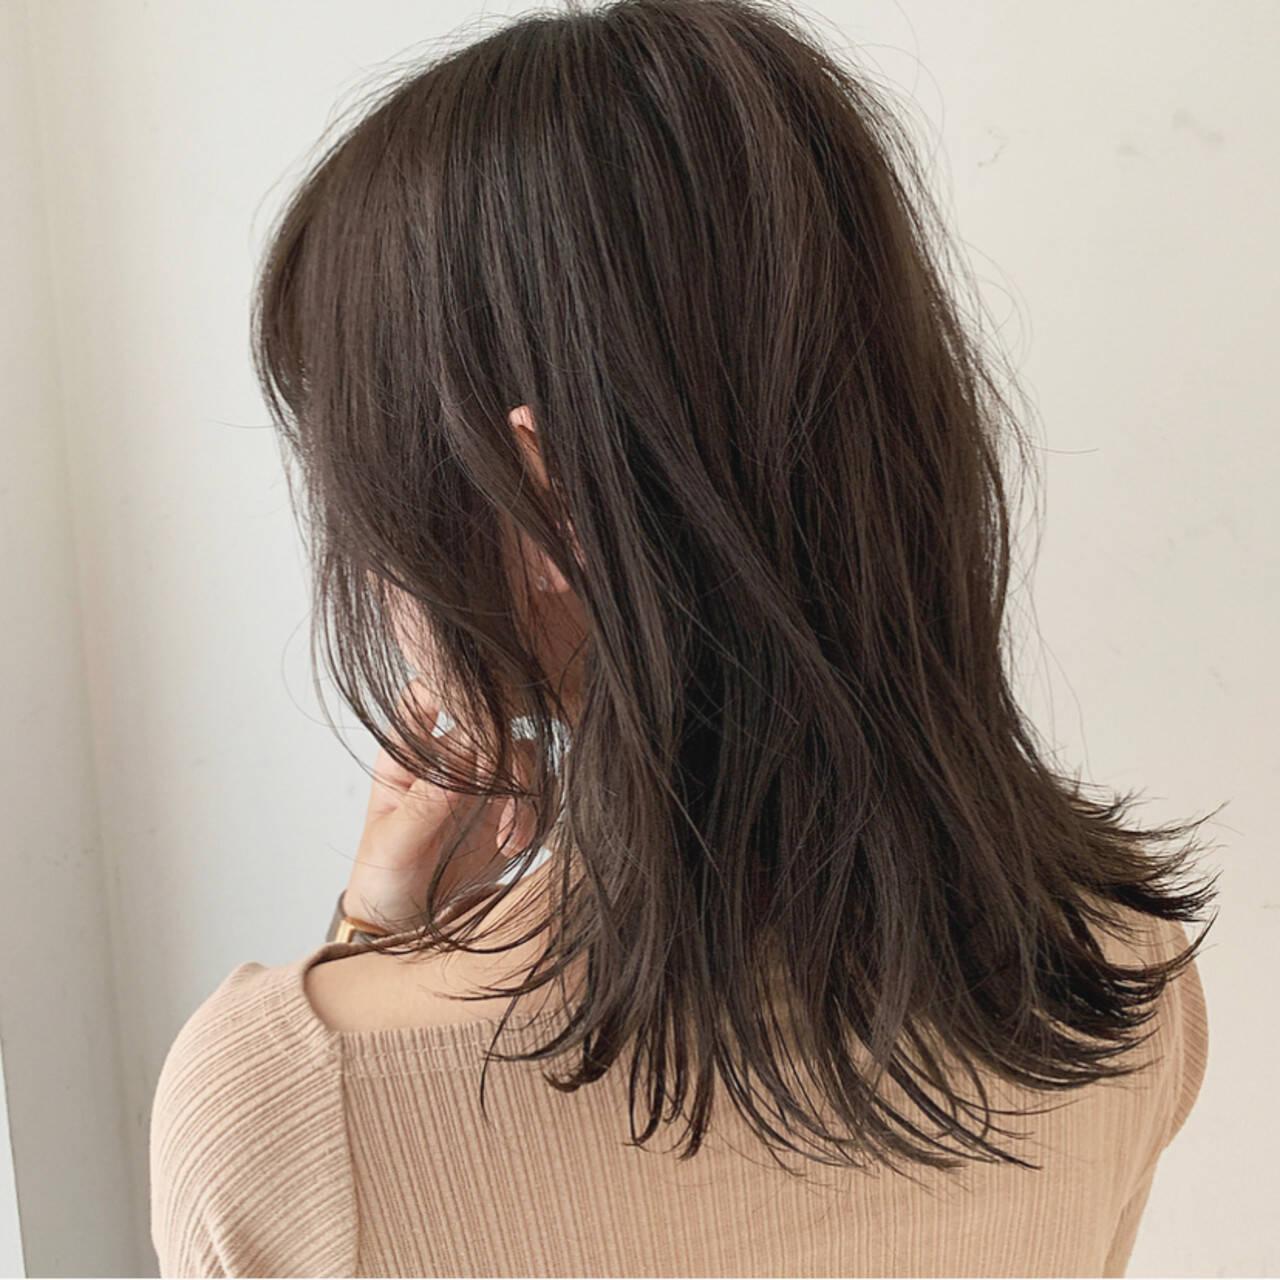 アディクシーカラー アンニュイ ゆるふわセット セミロングヘアスタイルや髪型の写真・画像